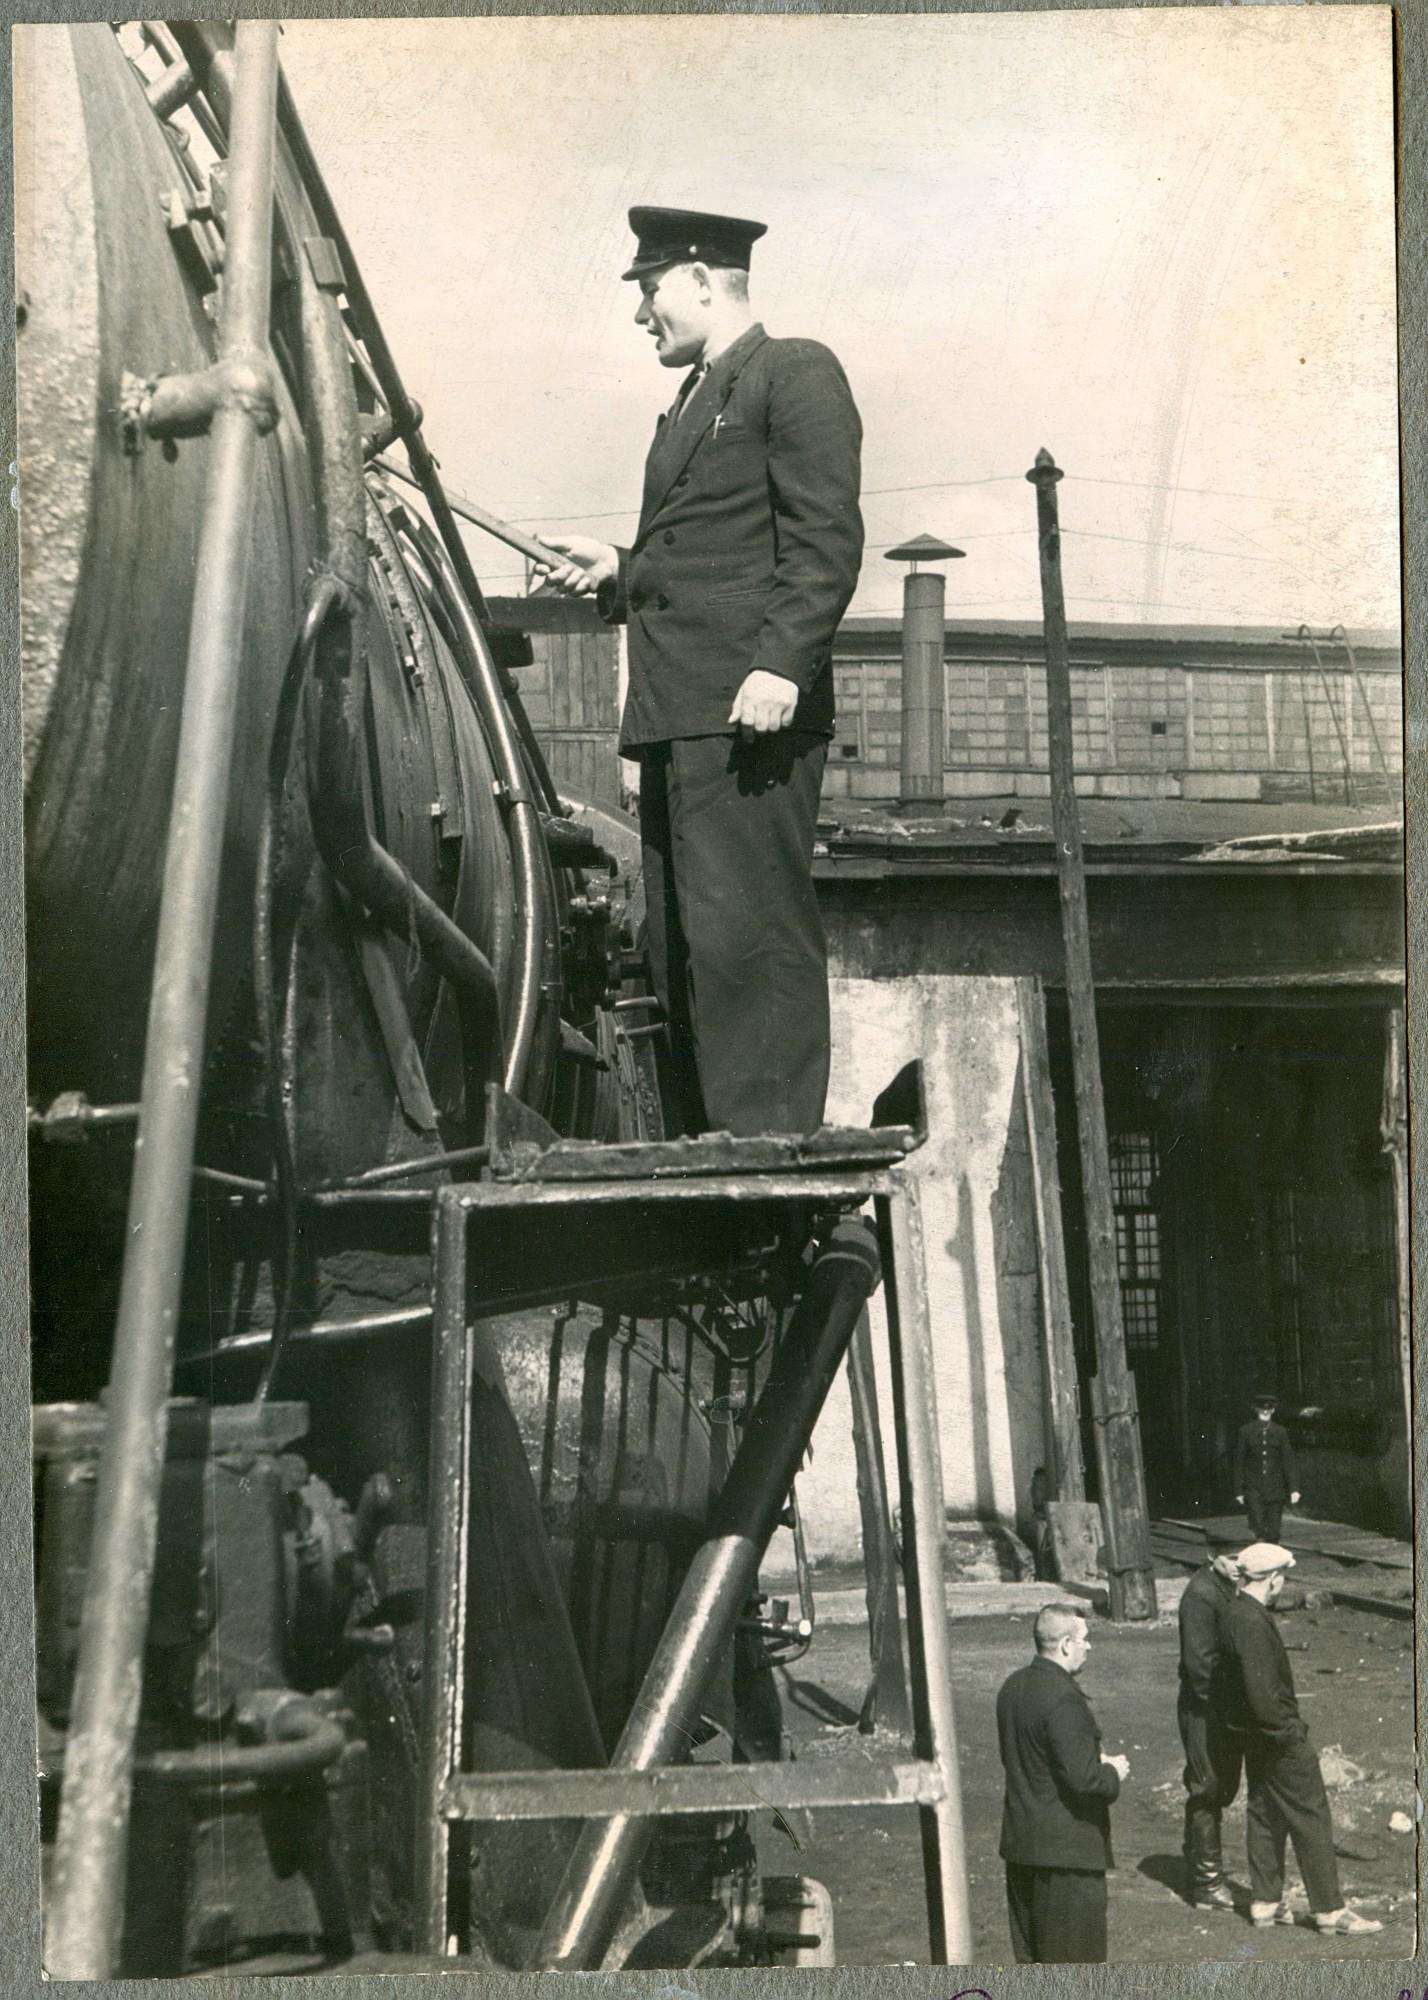 Общественный инспектор машинист Н.Ф. Сметанин  осматривает паровоз Л-4260, депо Нязепетровск, 1960-е годы